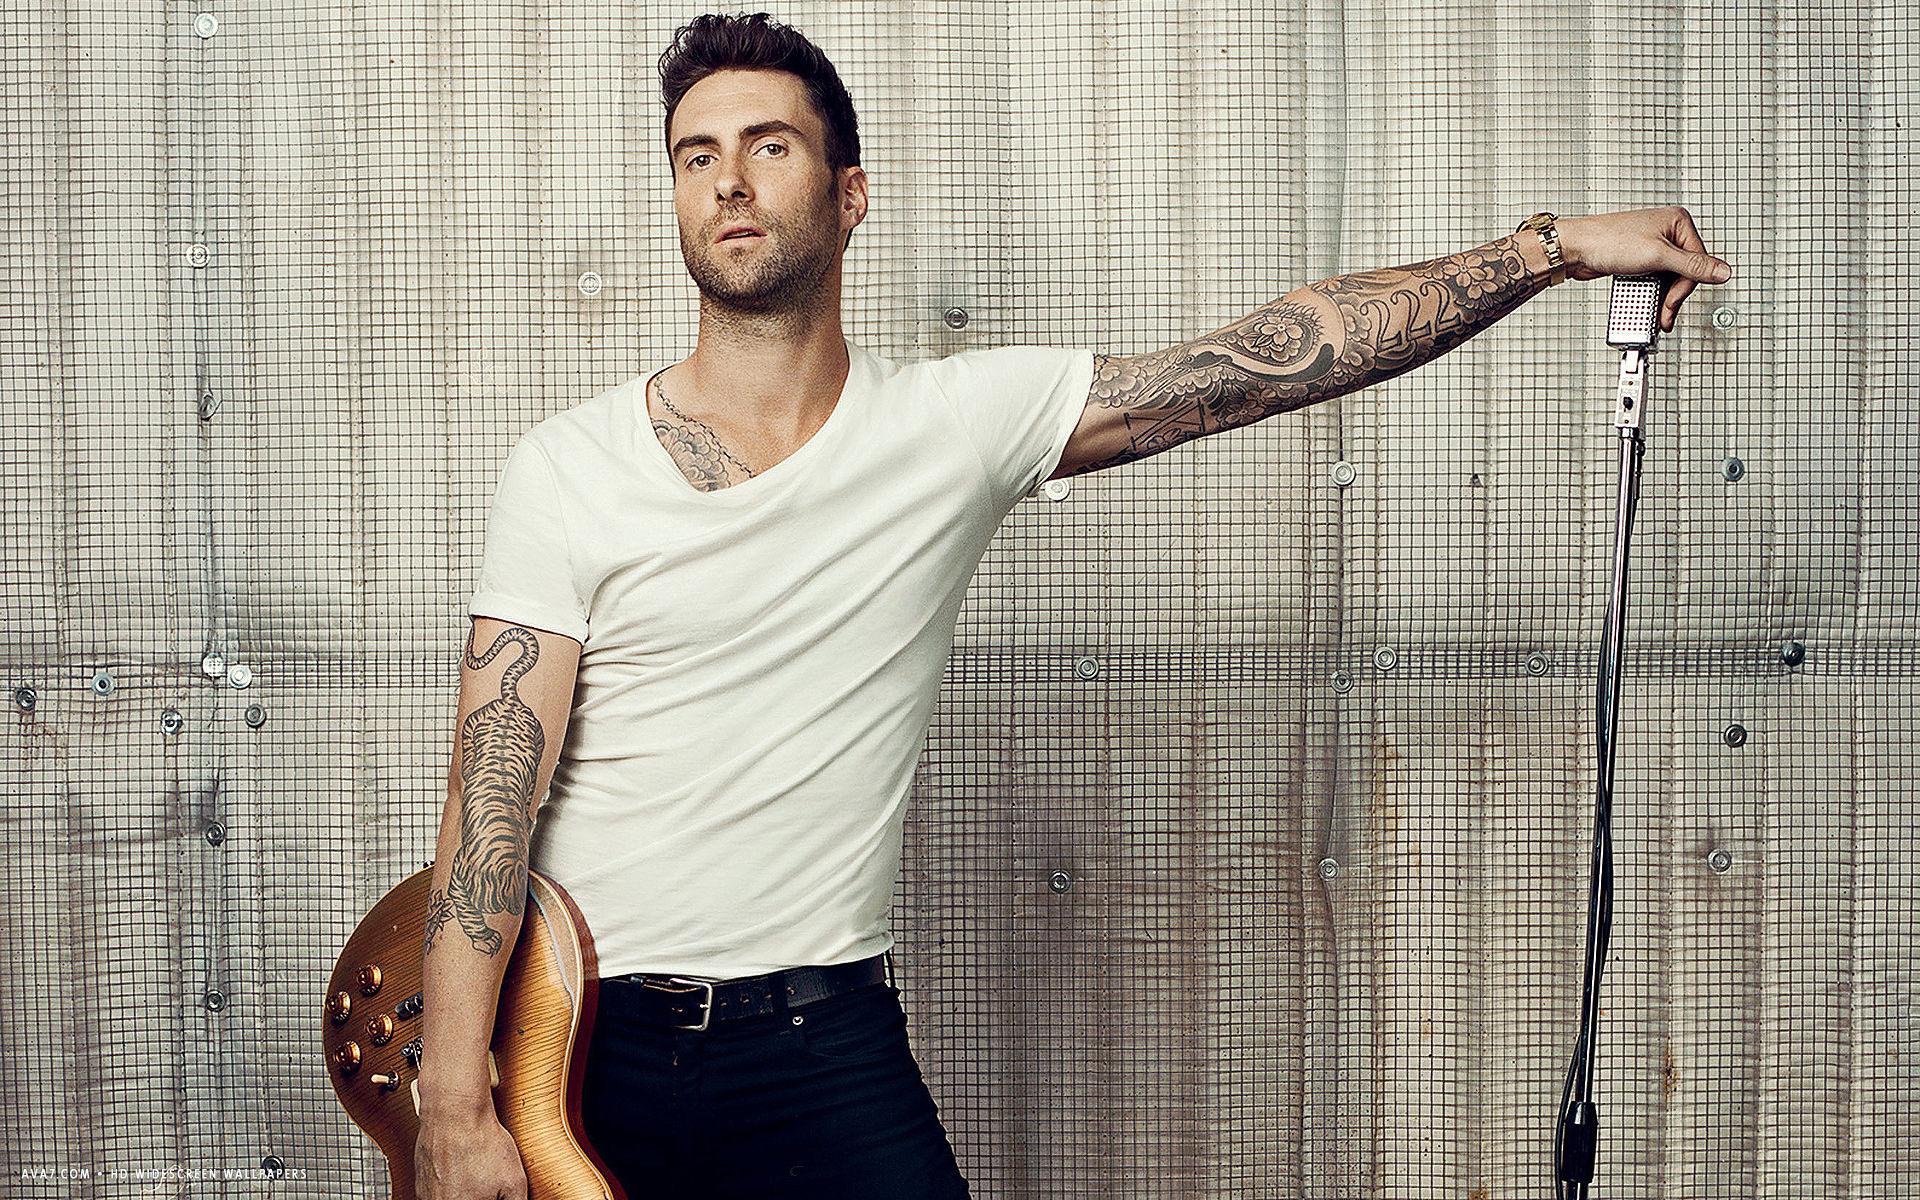 Adam-Levine-Singer